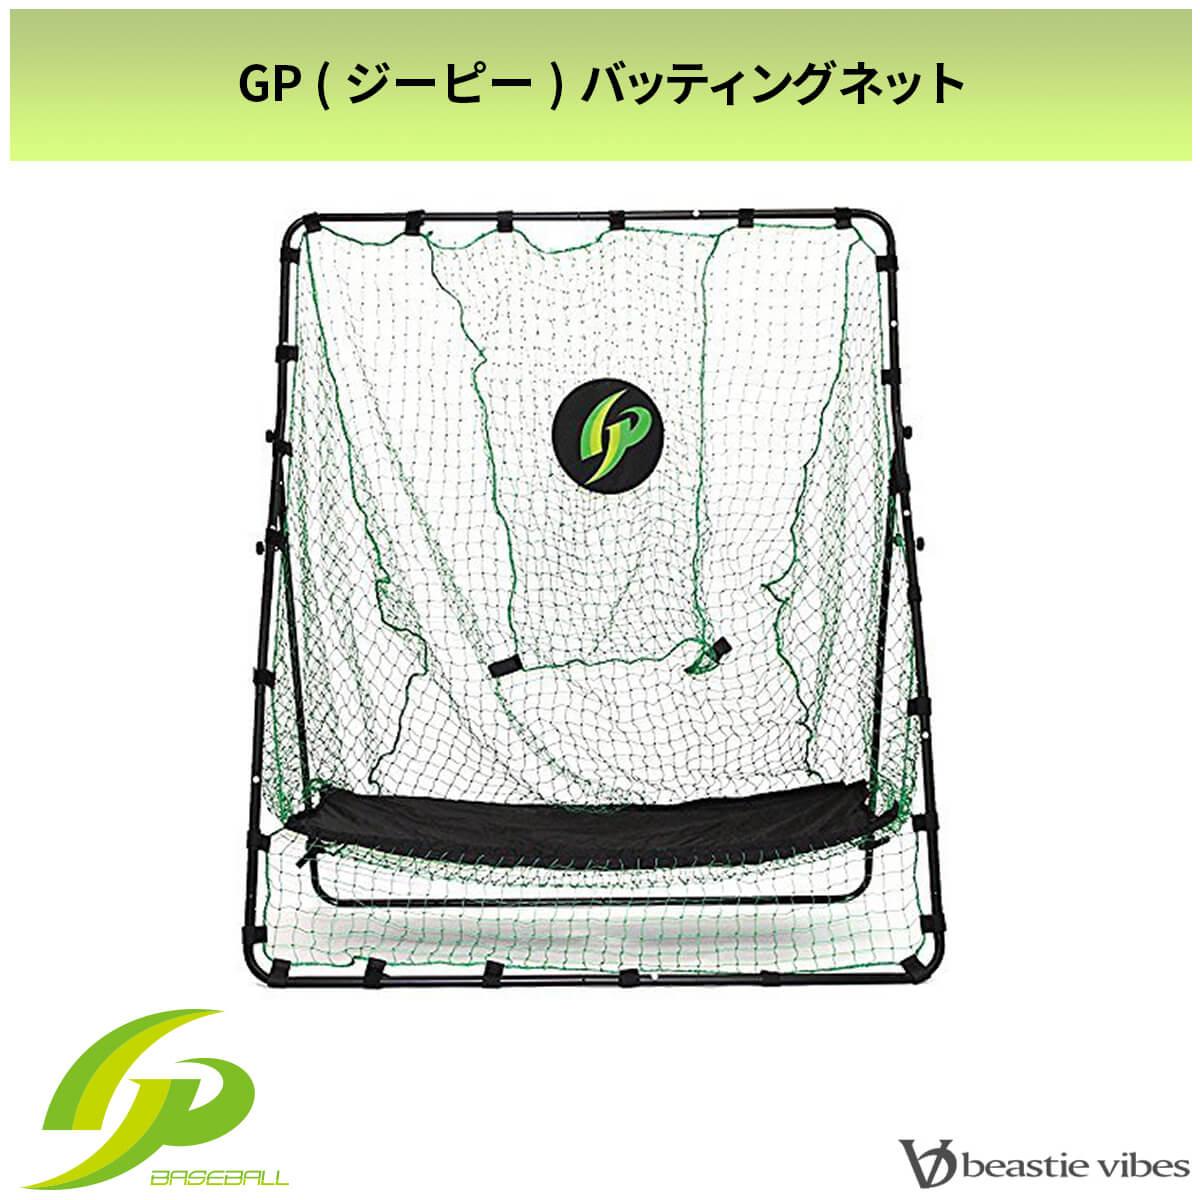 野球 練習 バッティングネット 硬式 野球用 縦200cm×横160ccm GP ジーピー